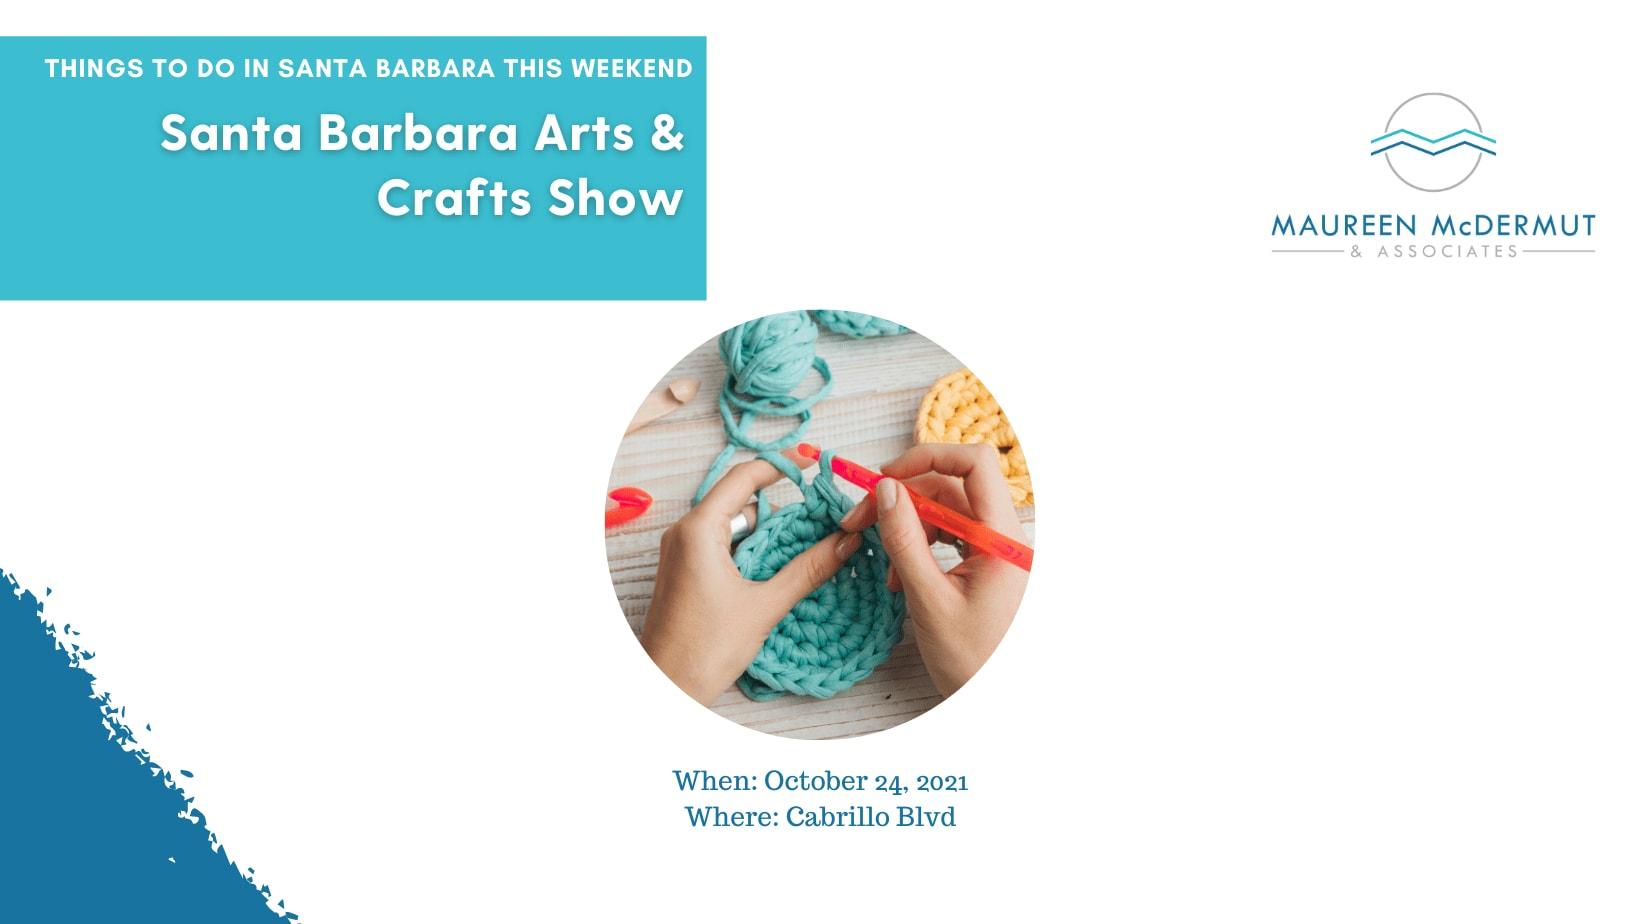 Santa Barbara Arts & Crafts Show image